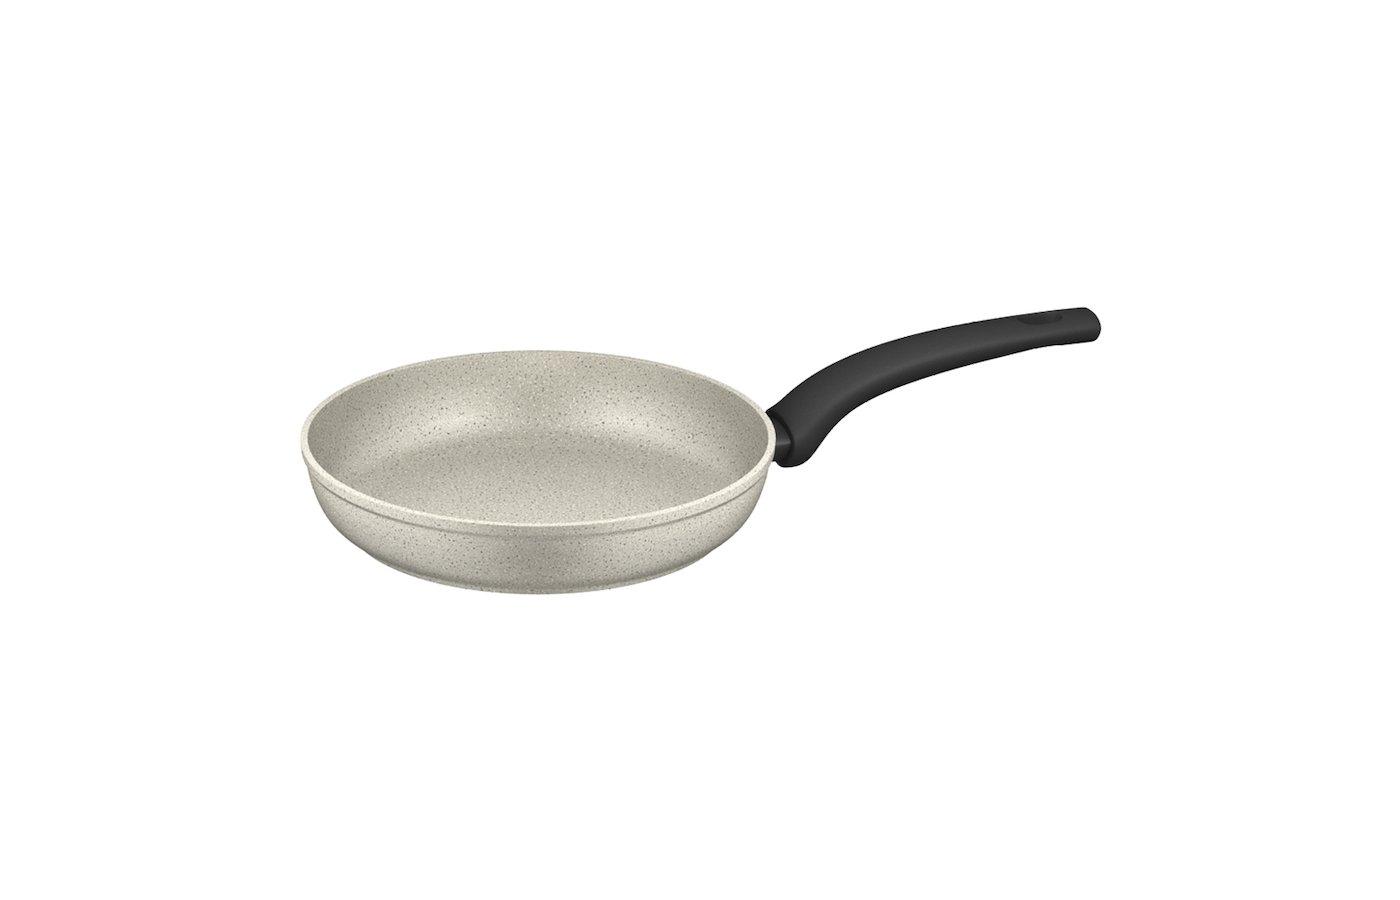 Сковорода Nadoba 24 см MARMIA 5 слойн покр. + индукц. 728318